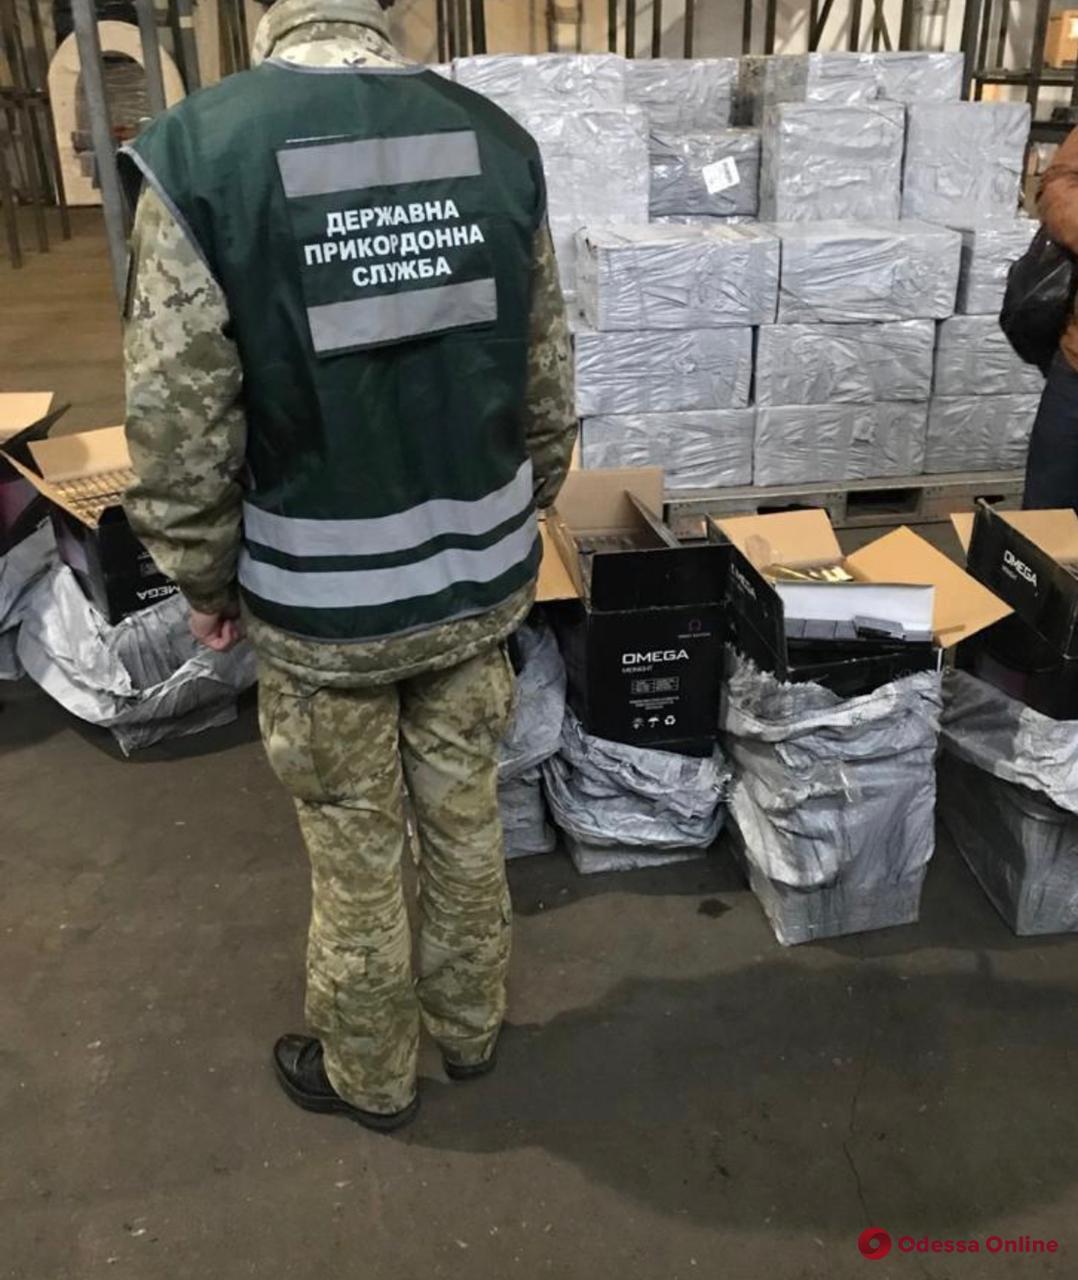 В Одесском аэропорту обнаружили крупную партию контрабандных сигарет на более чем 3 миллиона